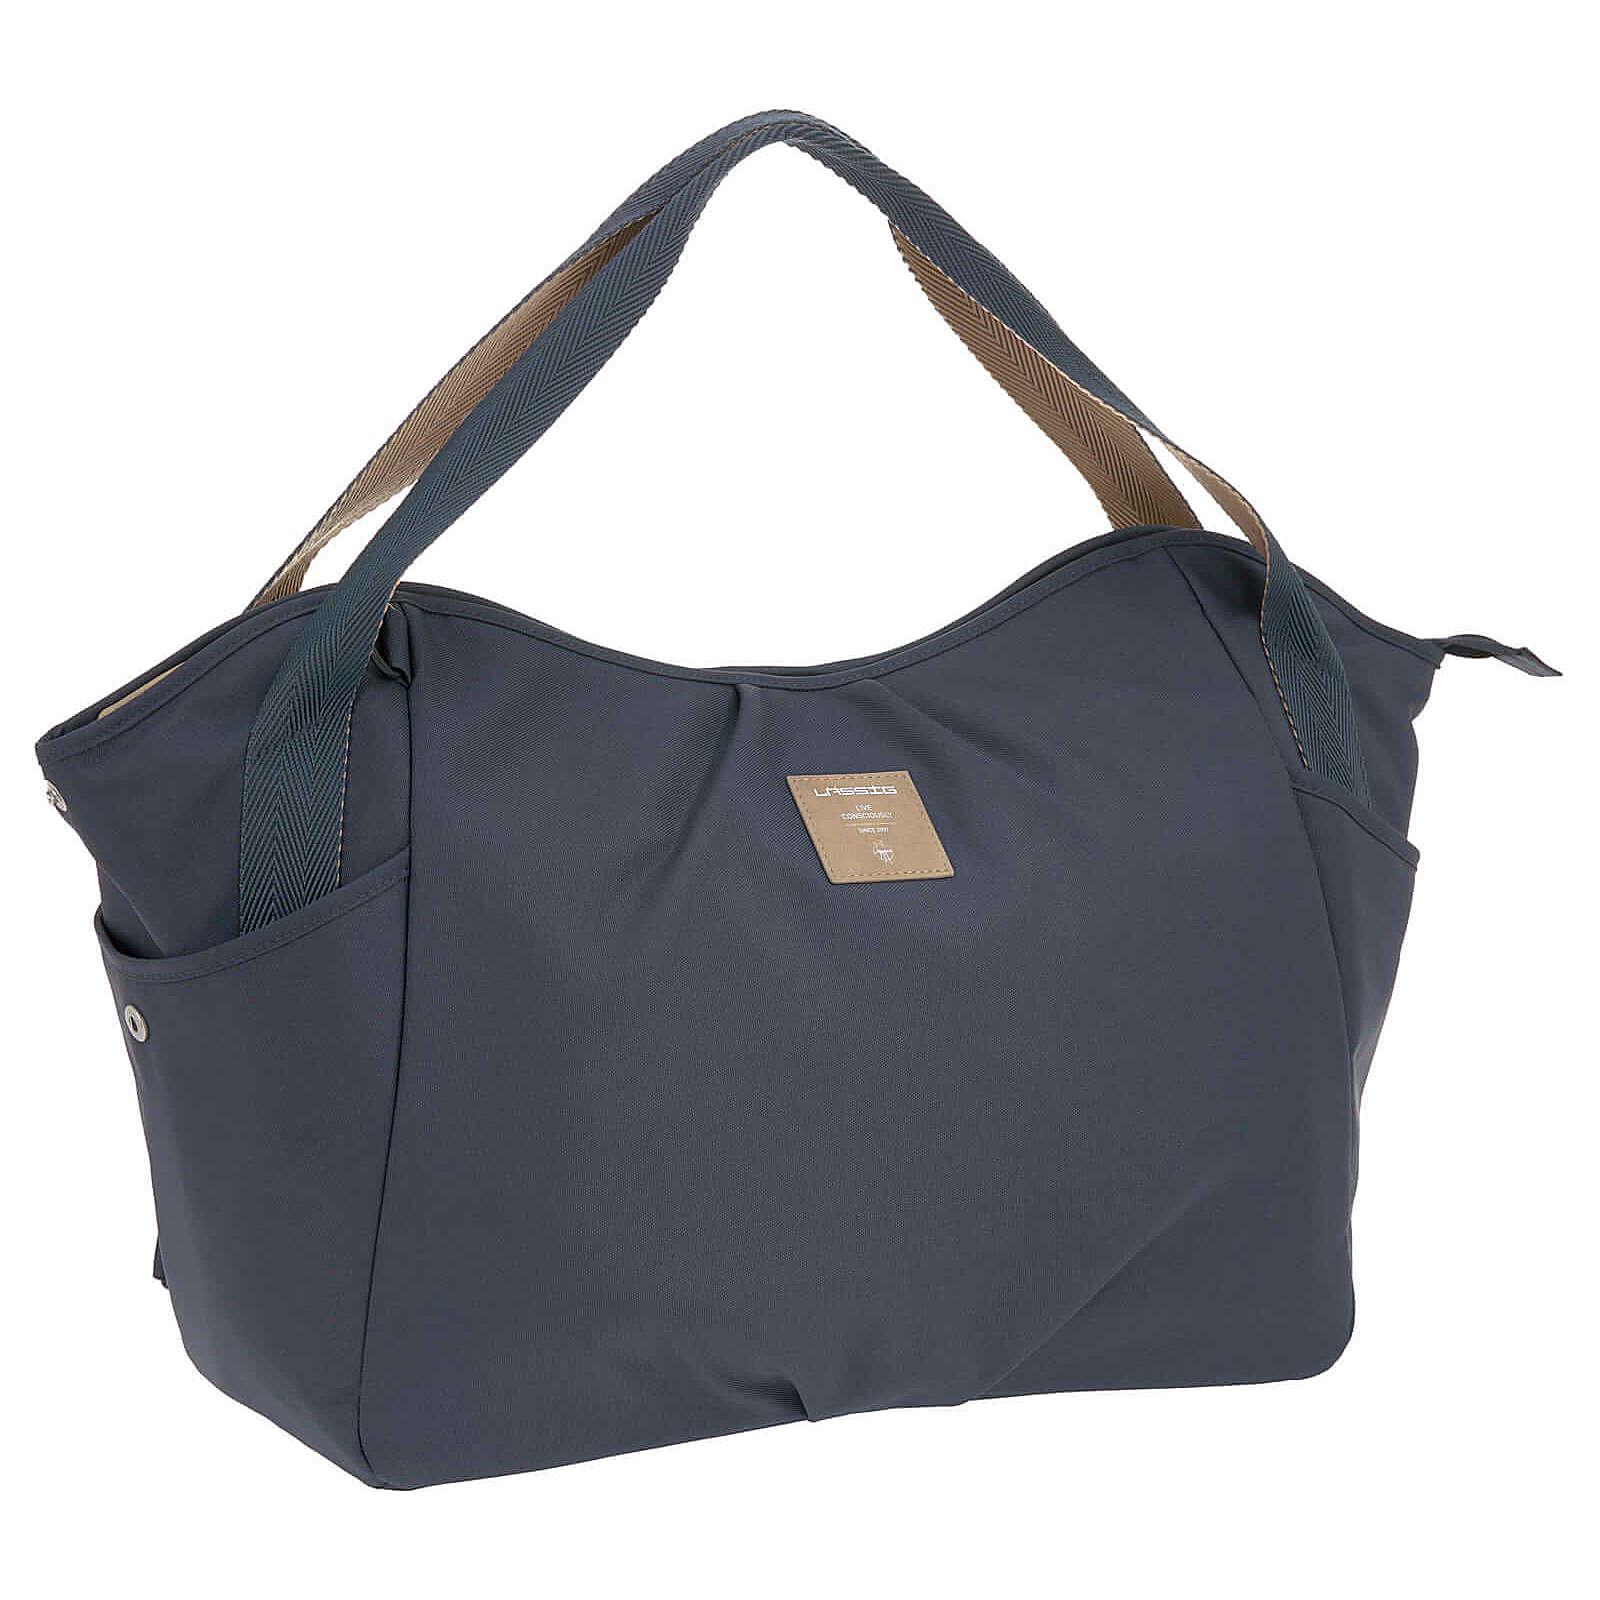 Lässig Wickeltasche, GRE Twin Bag, navy blau